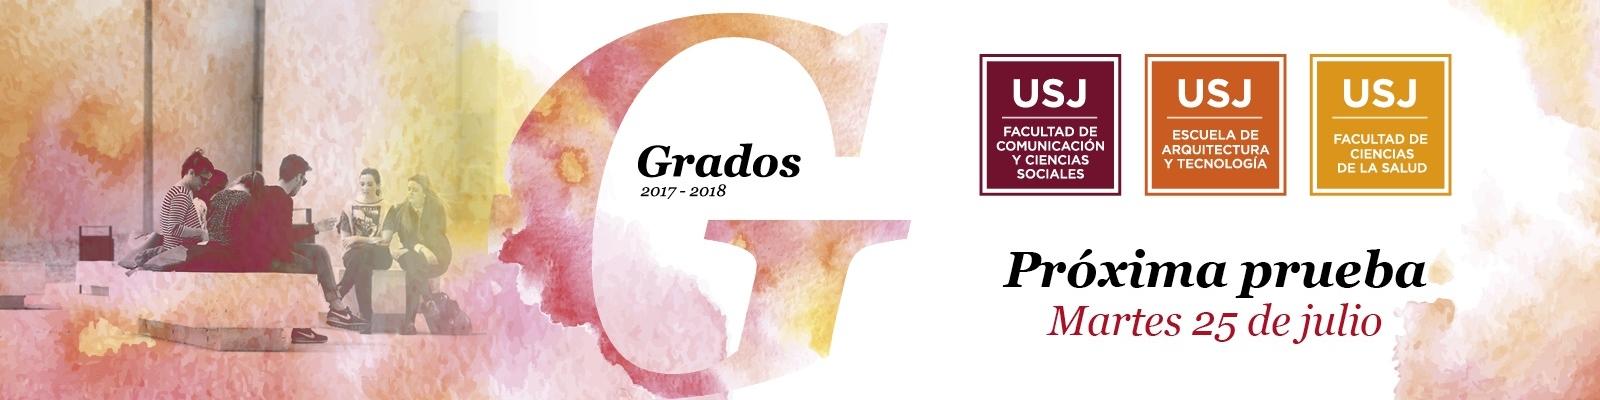 Próxima prueba de admisión de la Universidad San Jorge, 25 de julio